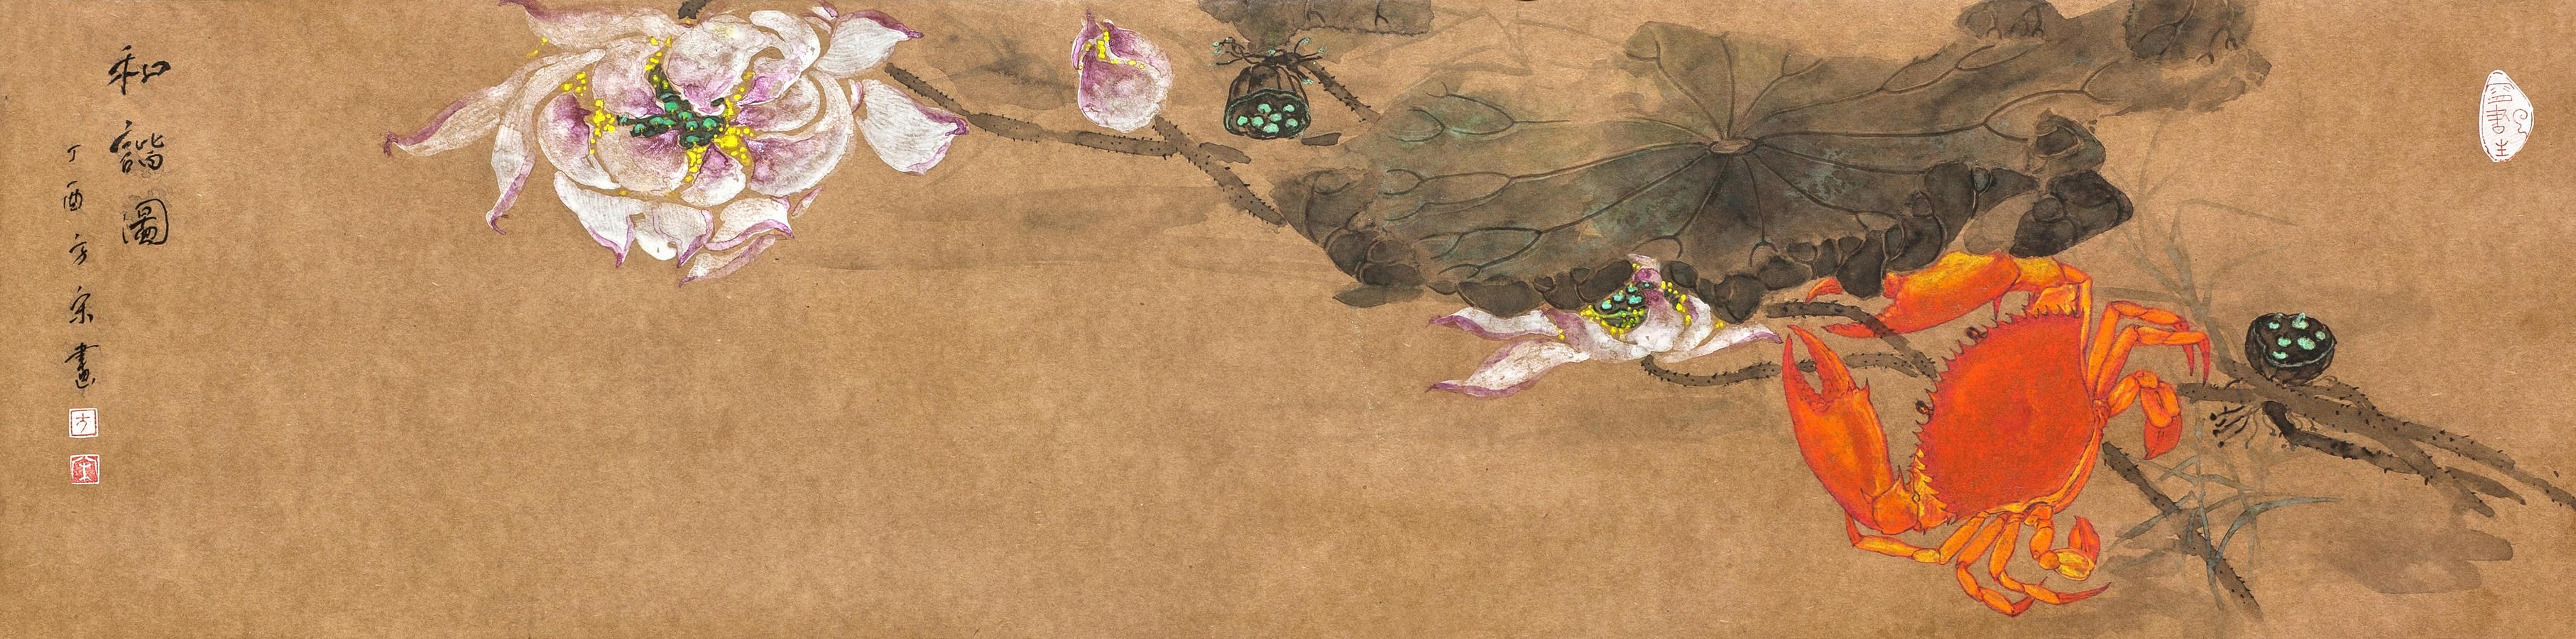 《和谐图》22x83cm 岩彩纸本设色 横幅 2017年